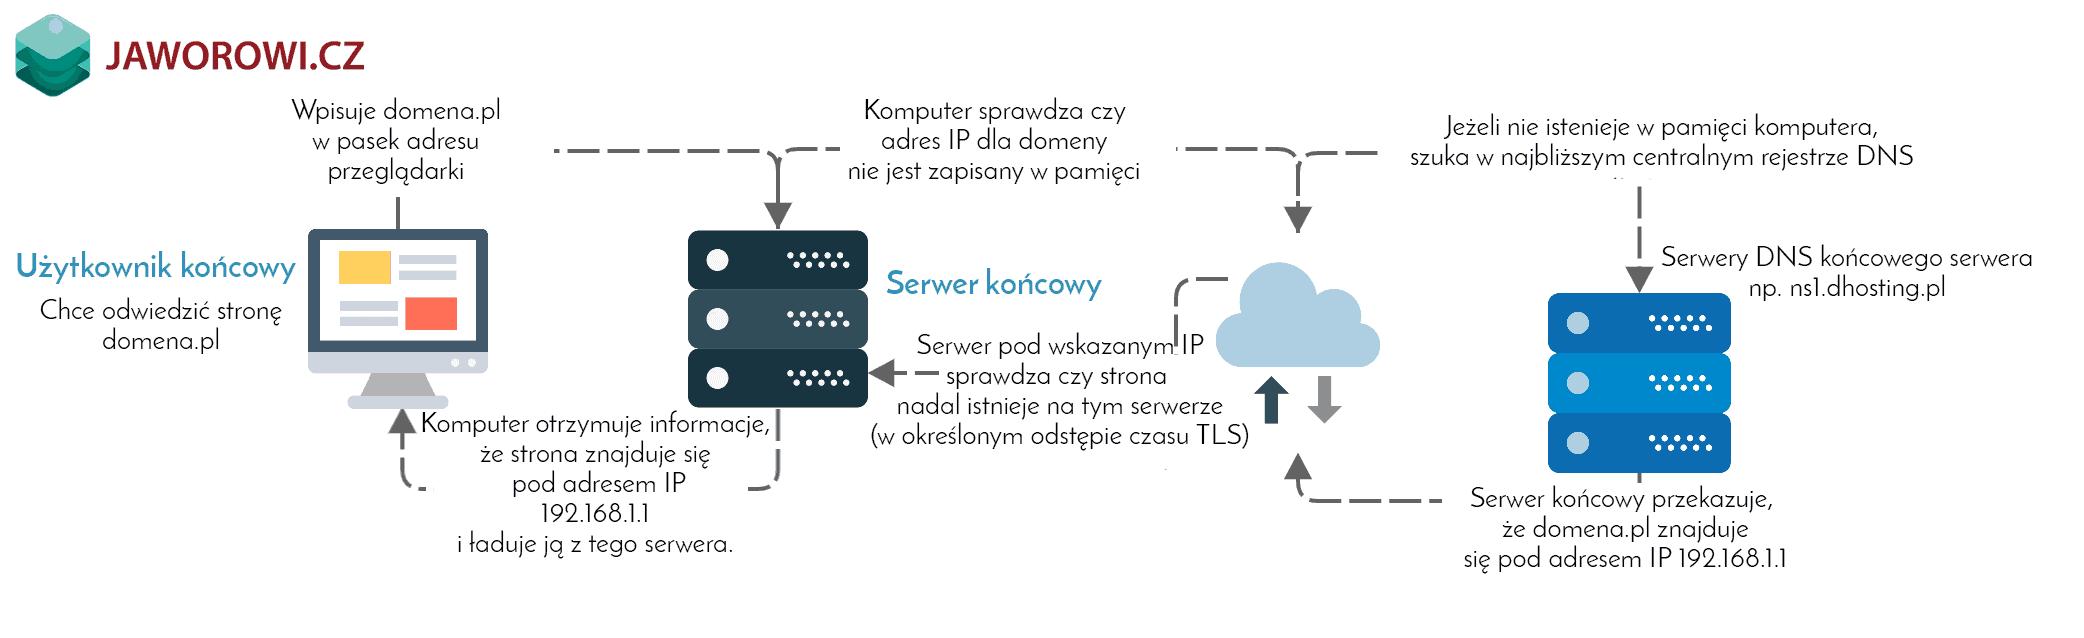 jak działa domena internetowa